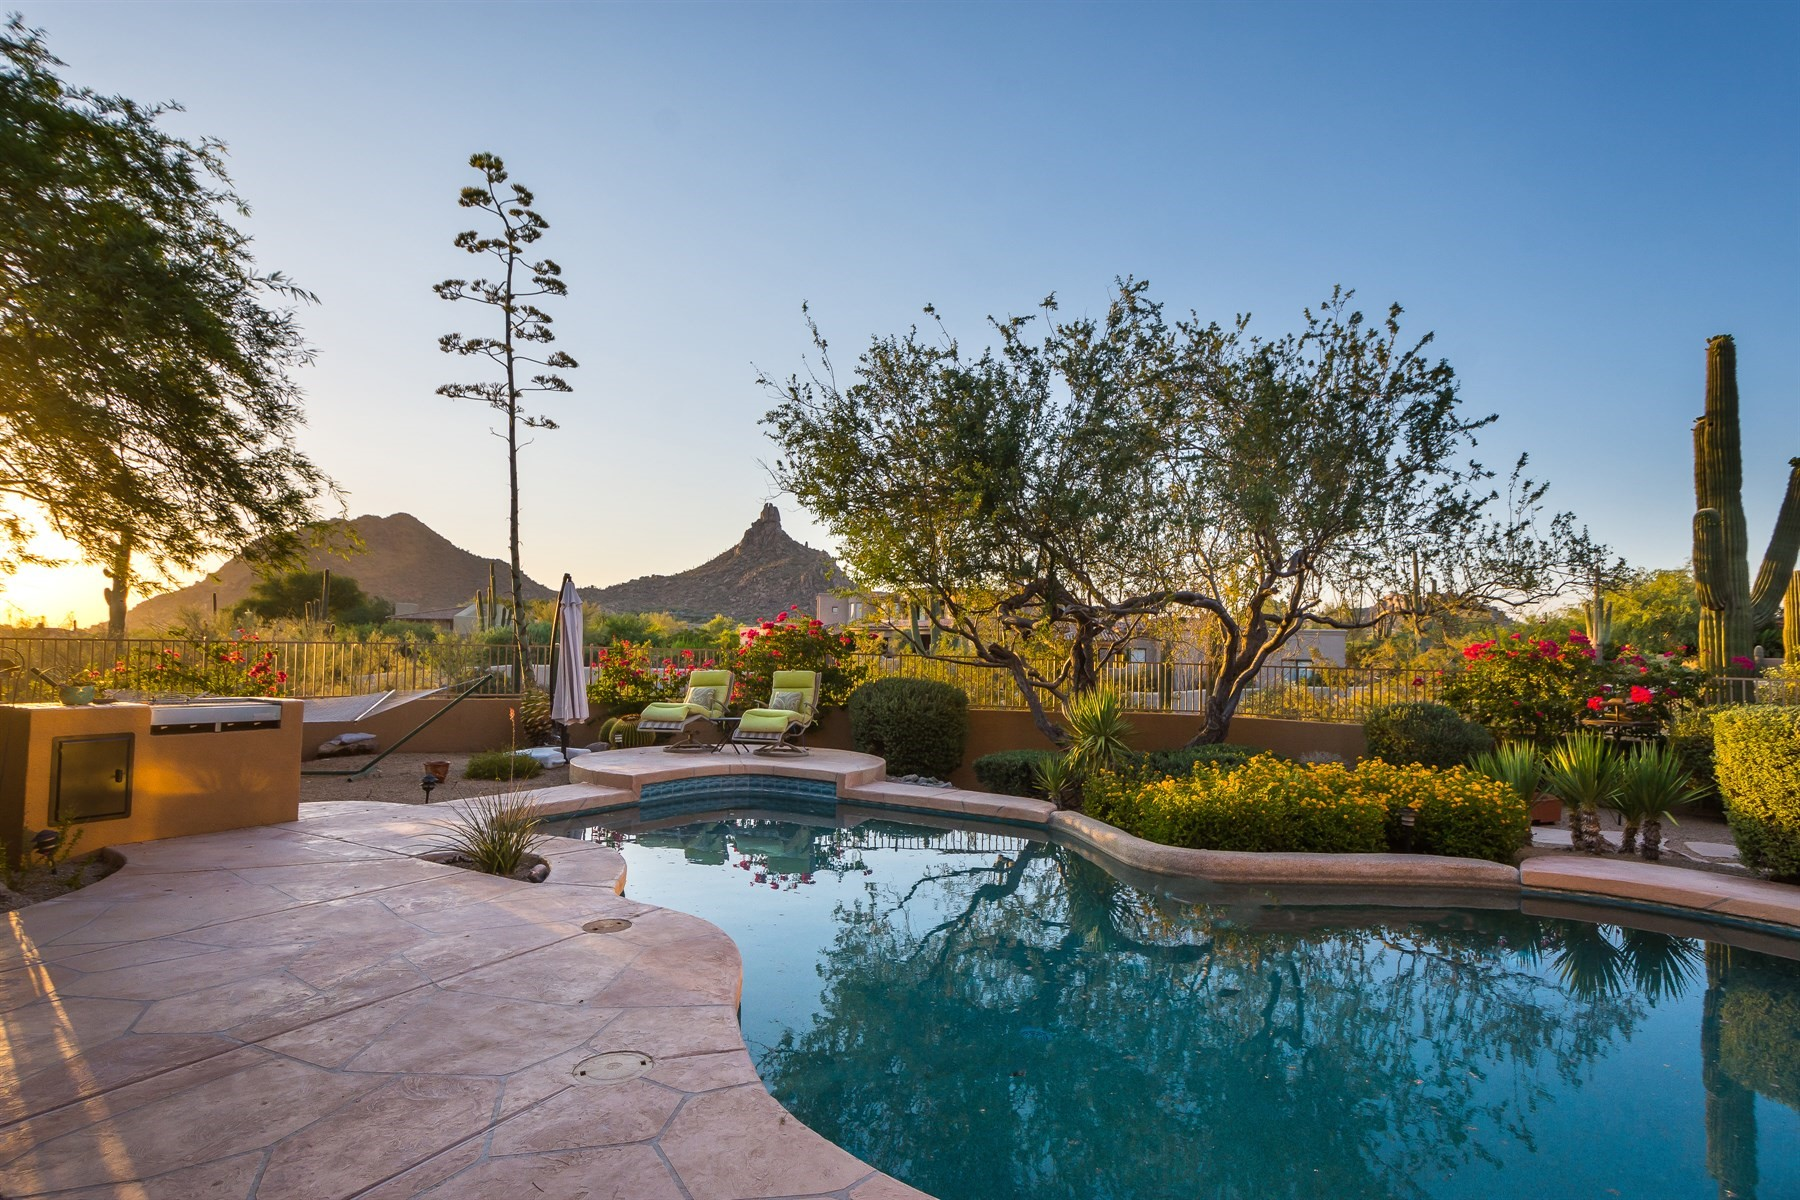 一戸建て のために 売買 アット Beautifully maintained home with spectacular views 10320 E Ranch Gate Rd, Scottsdale, アリゾナ, 85255 アメリカ合衆国